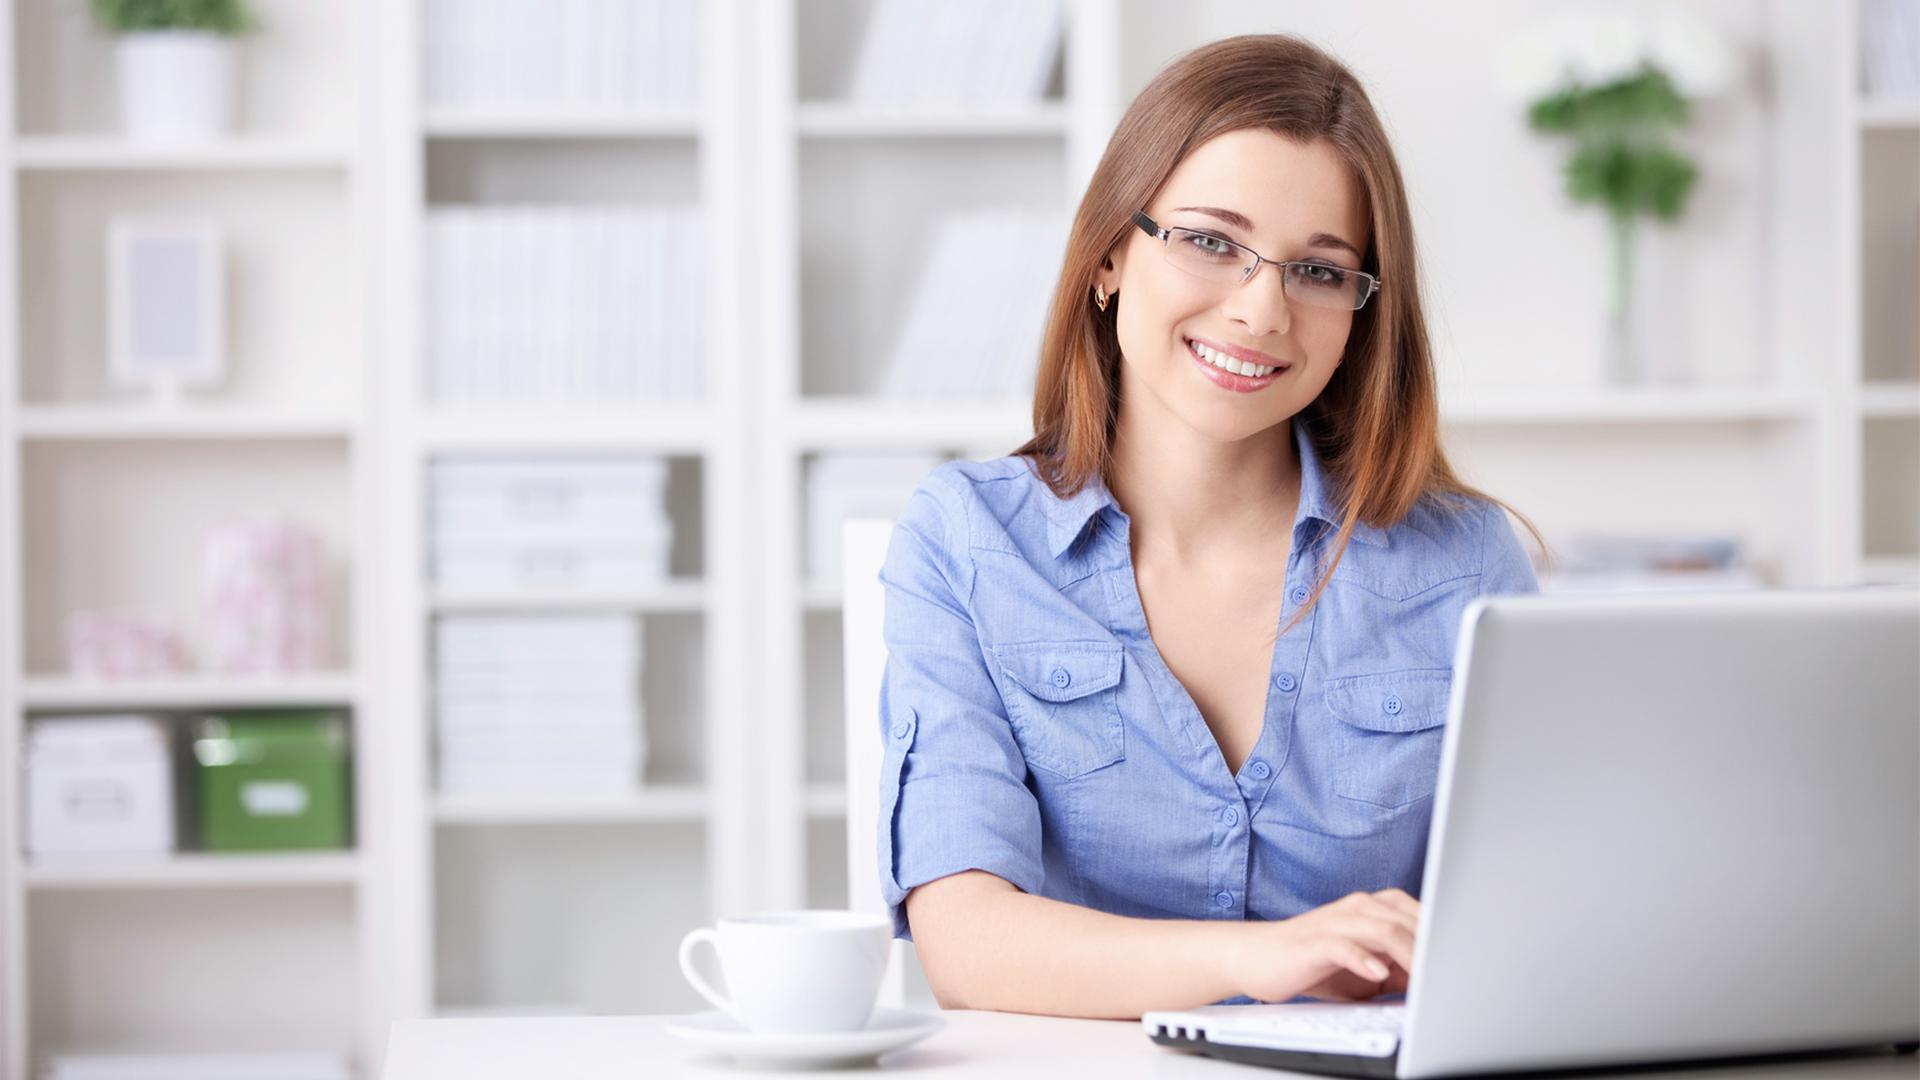 modalități de a câștiga bani pe internet fără plăți suplimentare